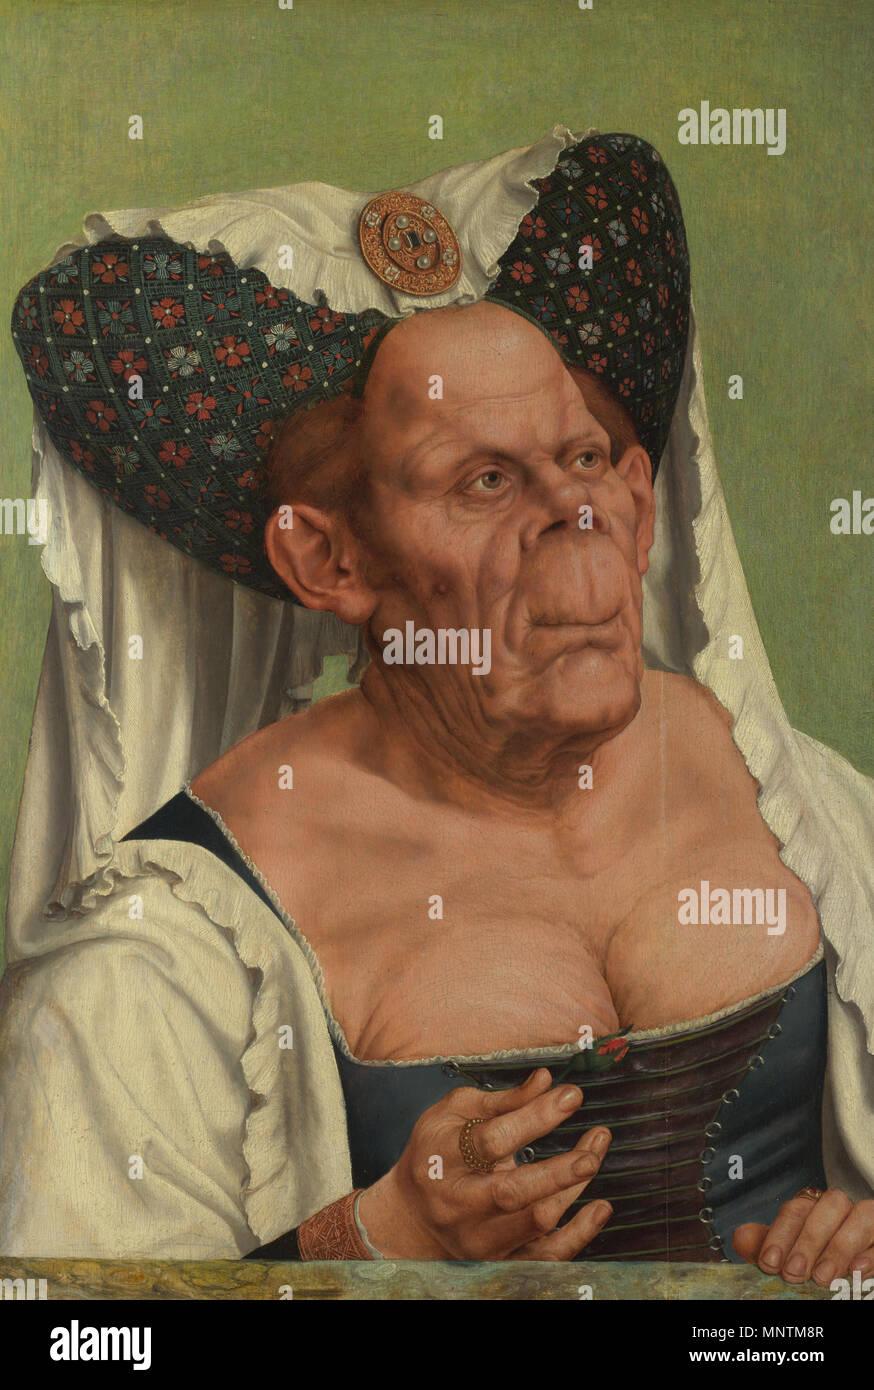 Femme Laide Photo une vieille femme grotesque les titres alternatifs : portrait d'une